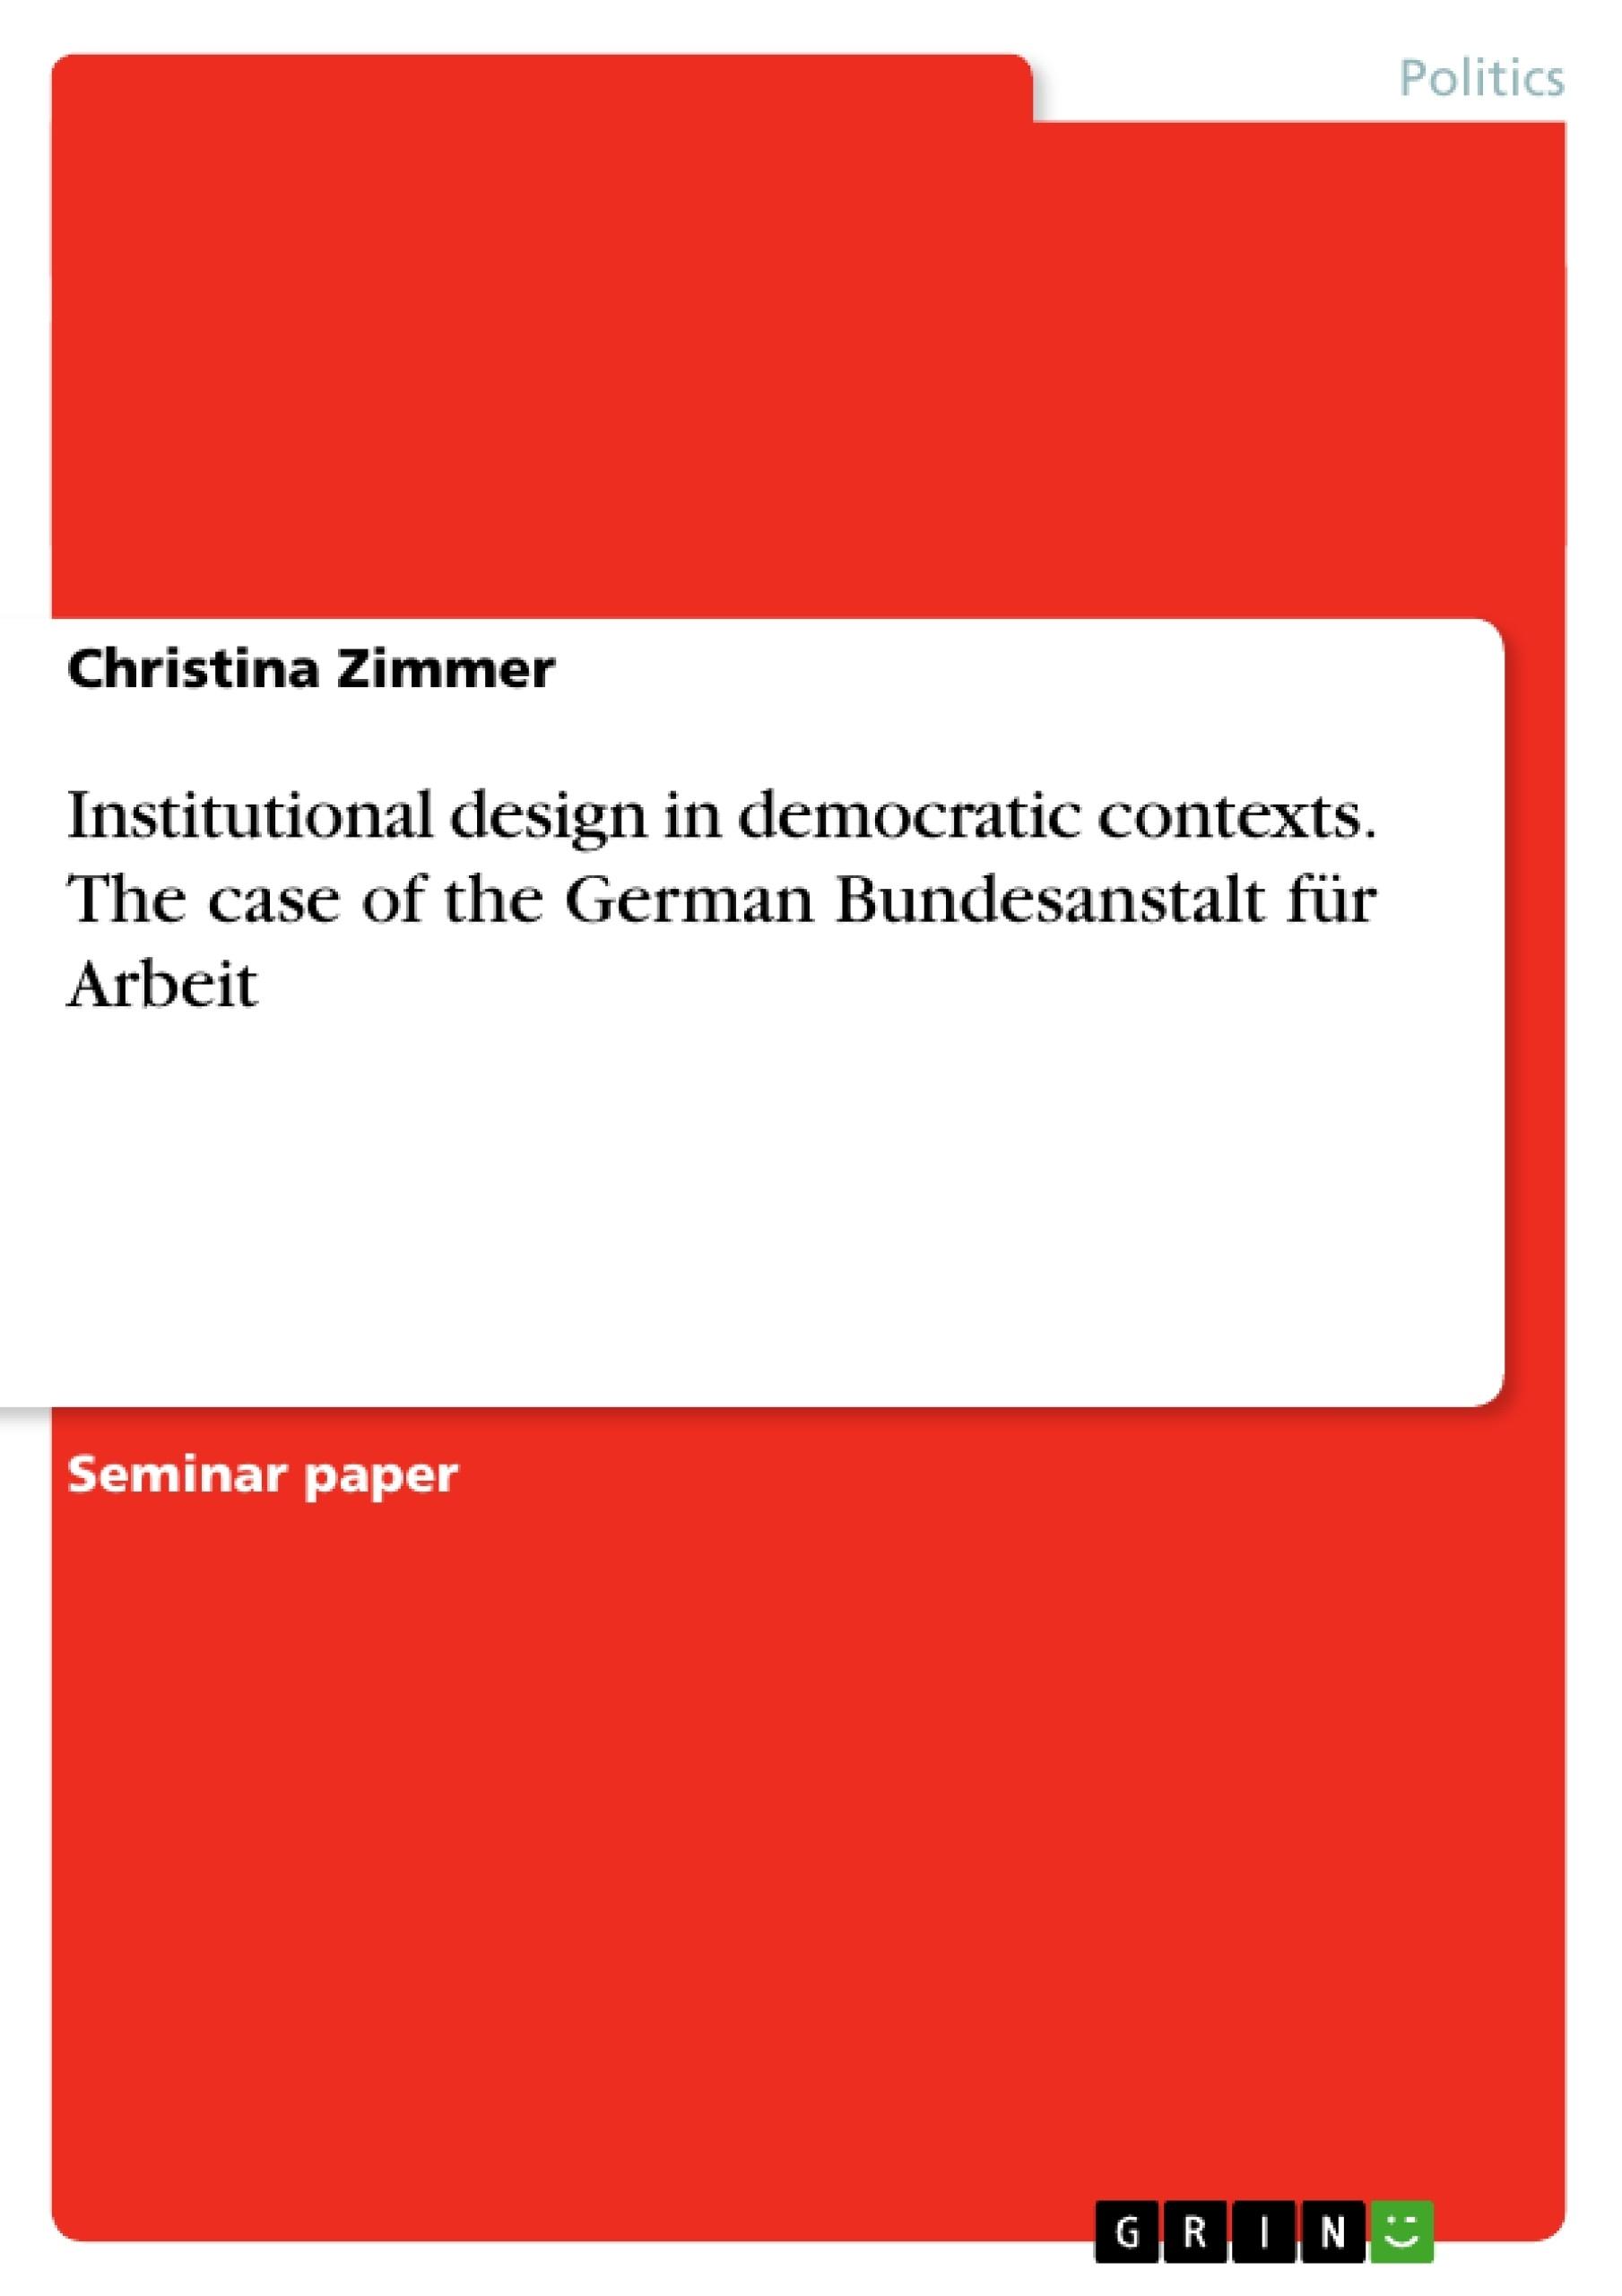 Title: Institutional design in democratic contexts. The case of the German Bundesanstalt für Arbeit